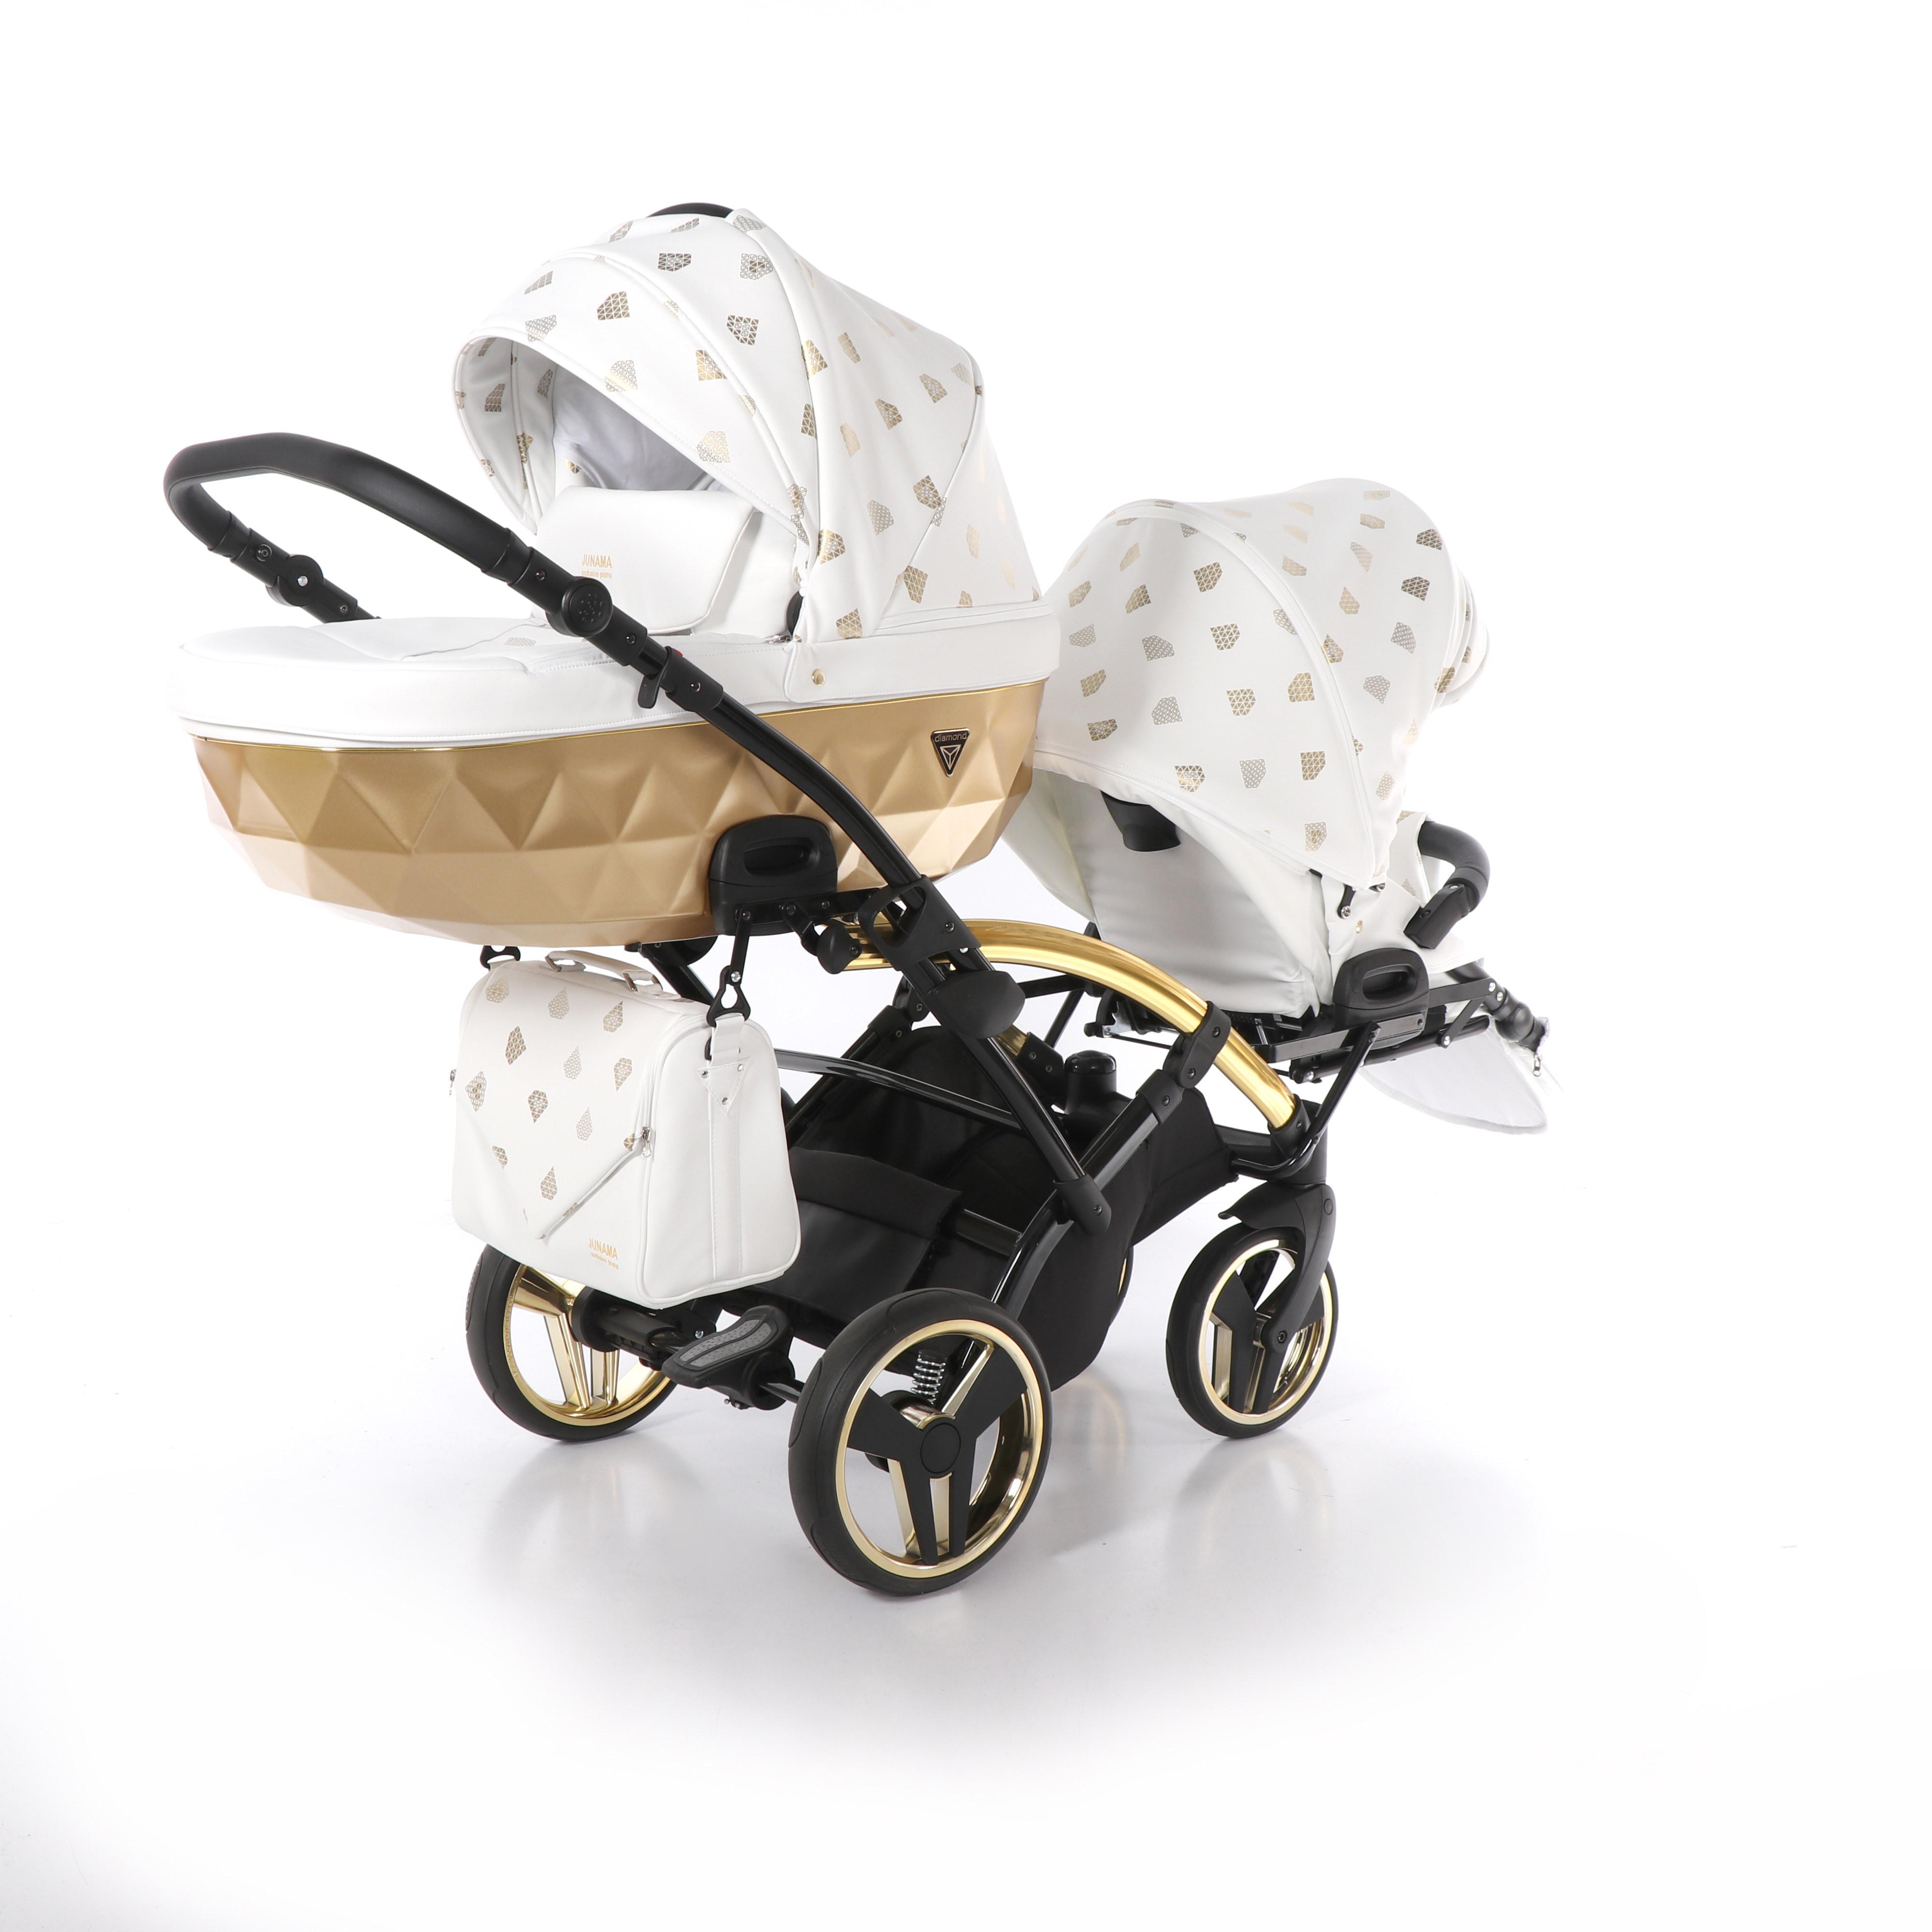 wózek bliźniaczy Junama Glow Duo Slim wielofunkcyjny